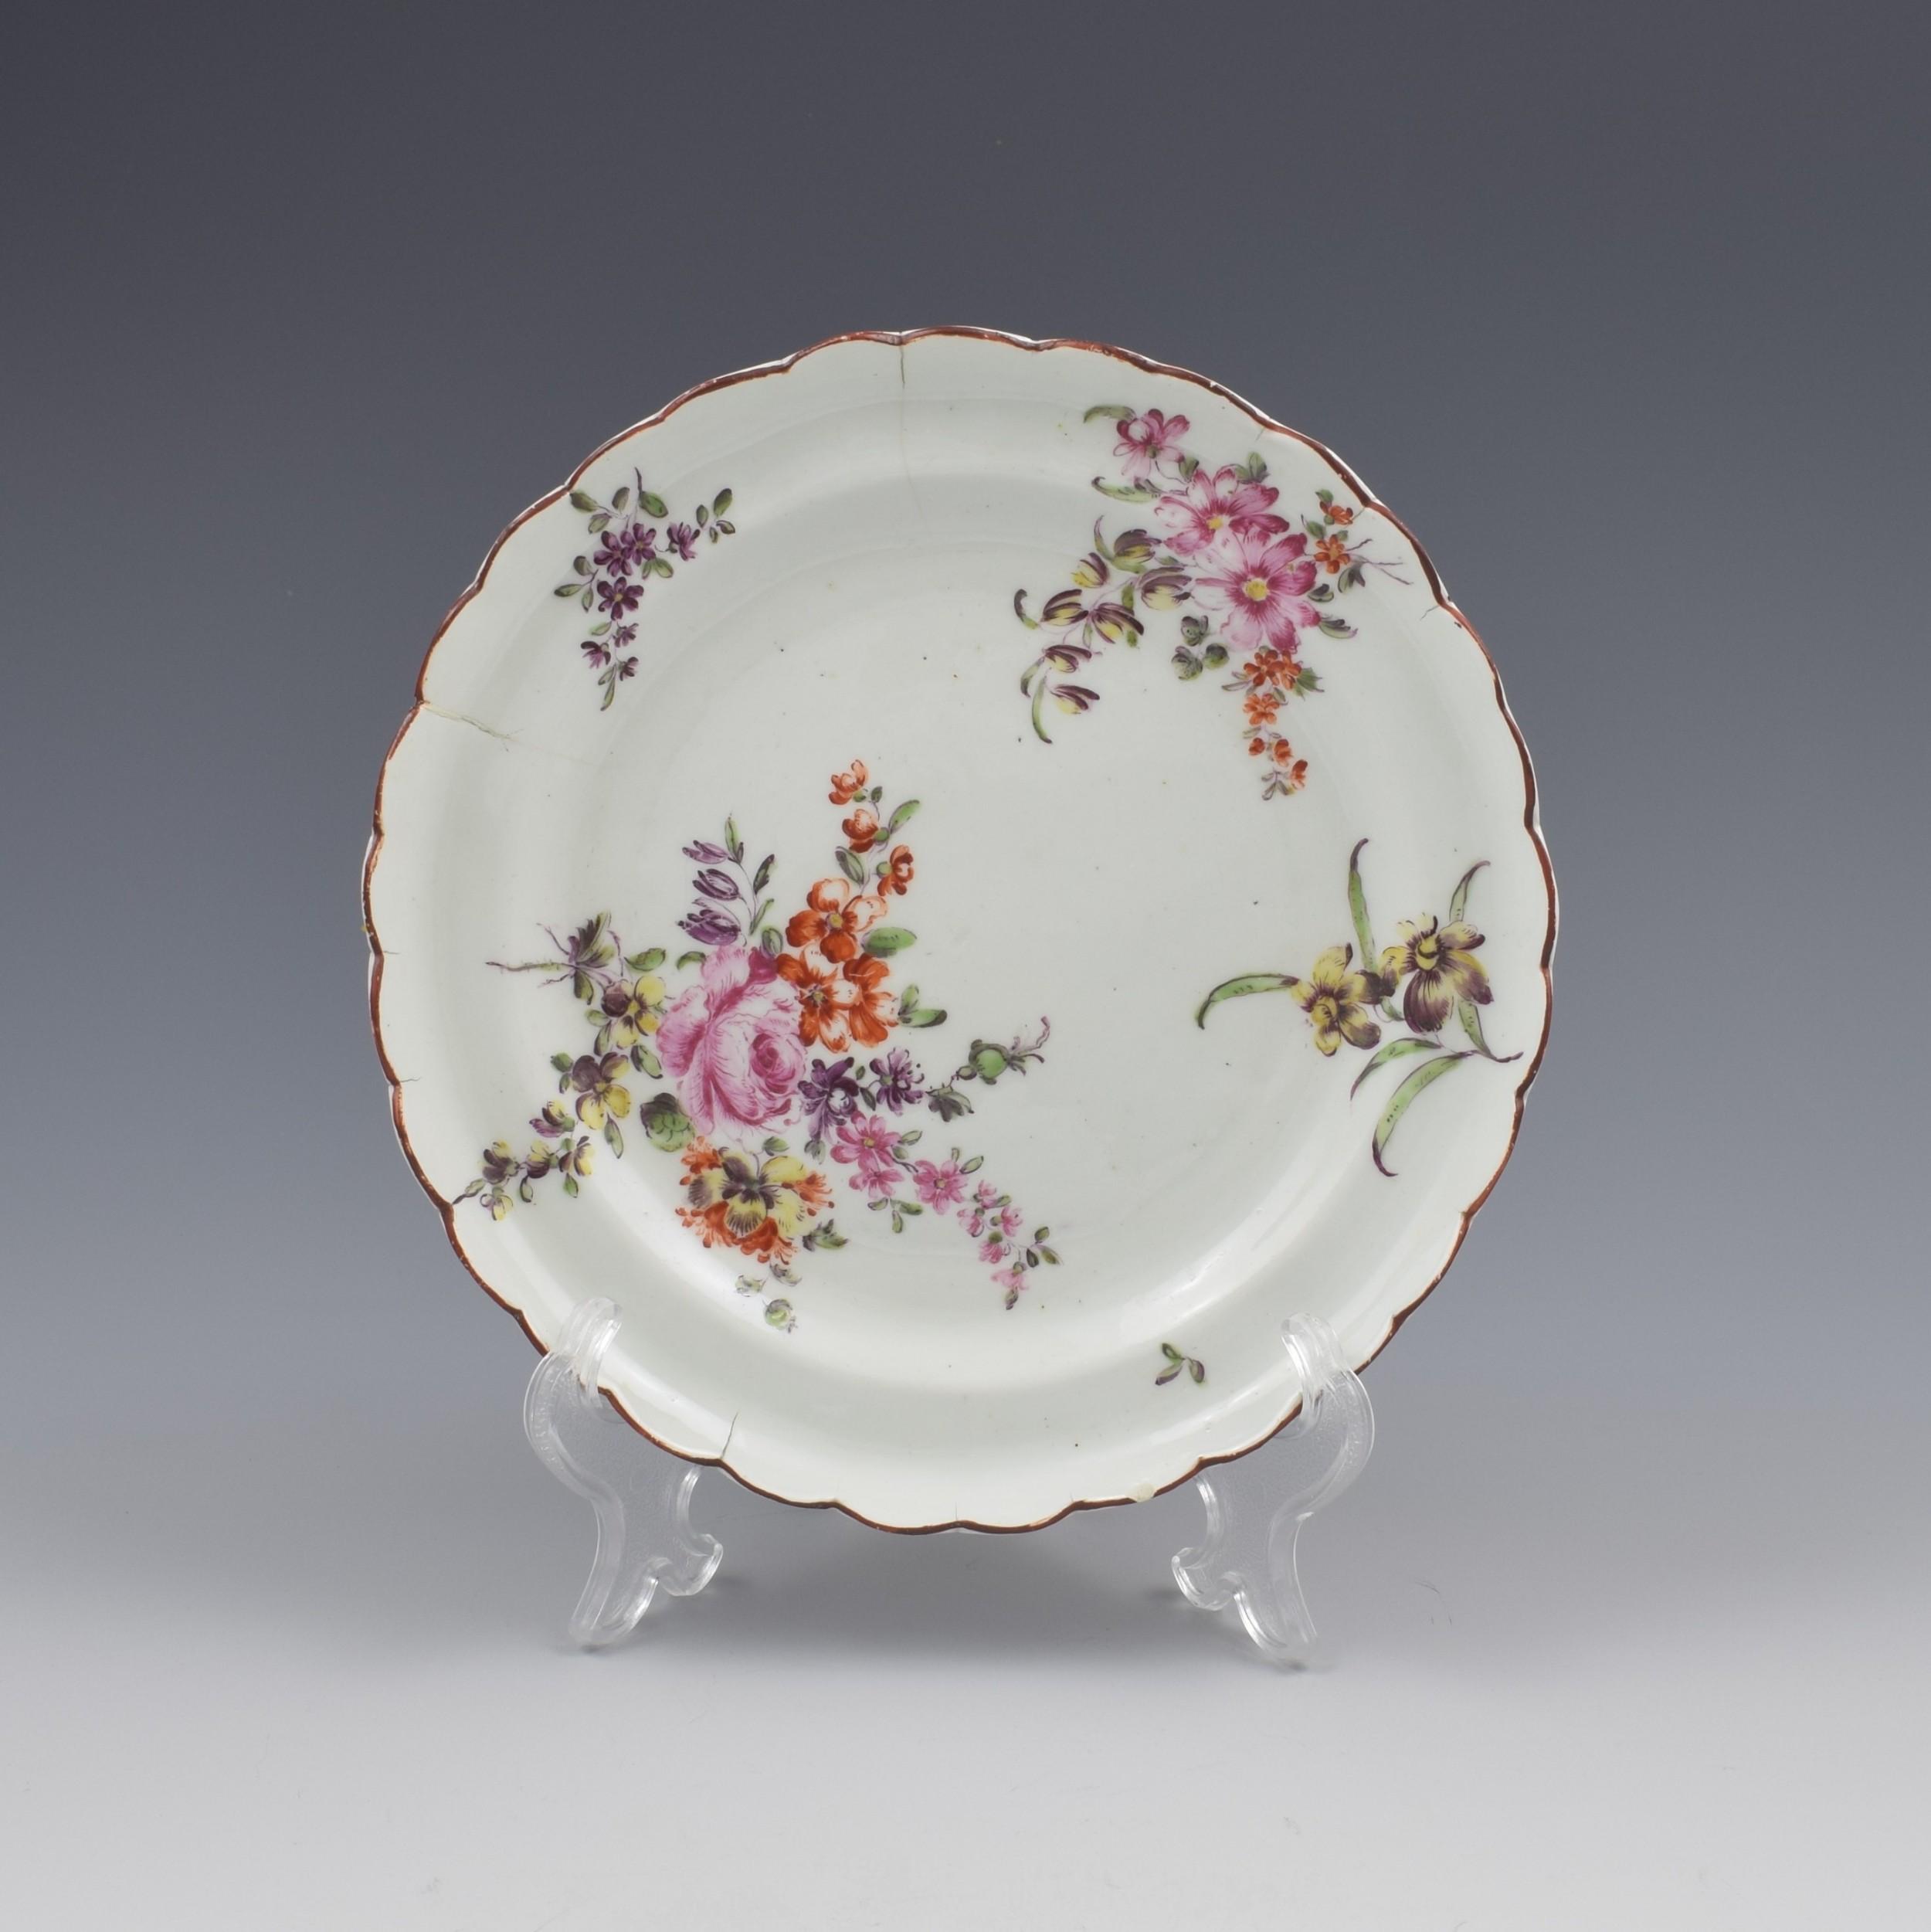 derby porcelain cotton stem floral small lobed plate c1760